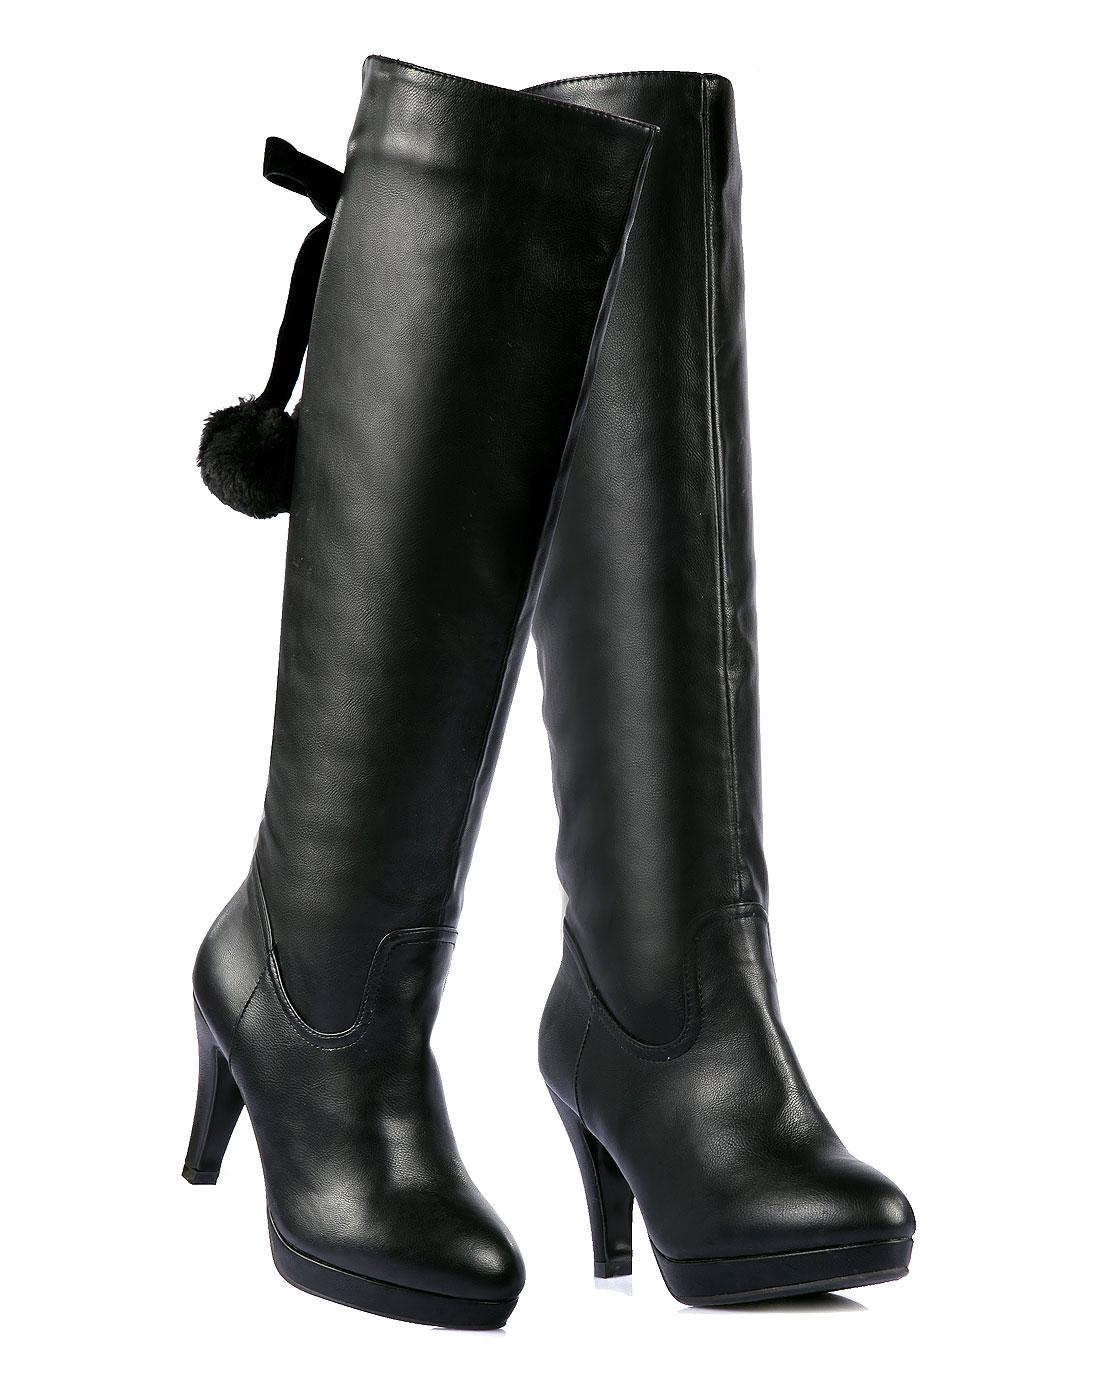 女款黑色蝴蝶结系带毛球女士过膝长靴子